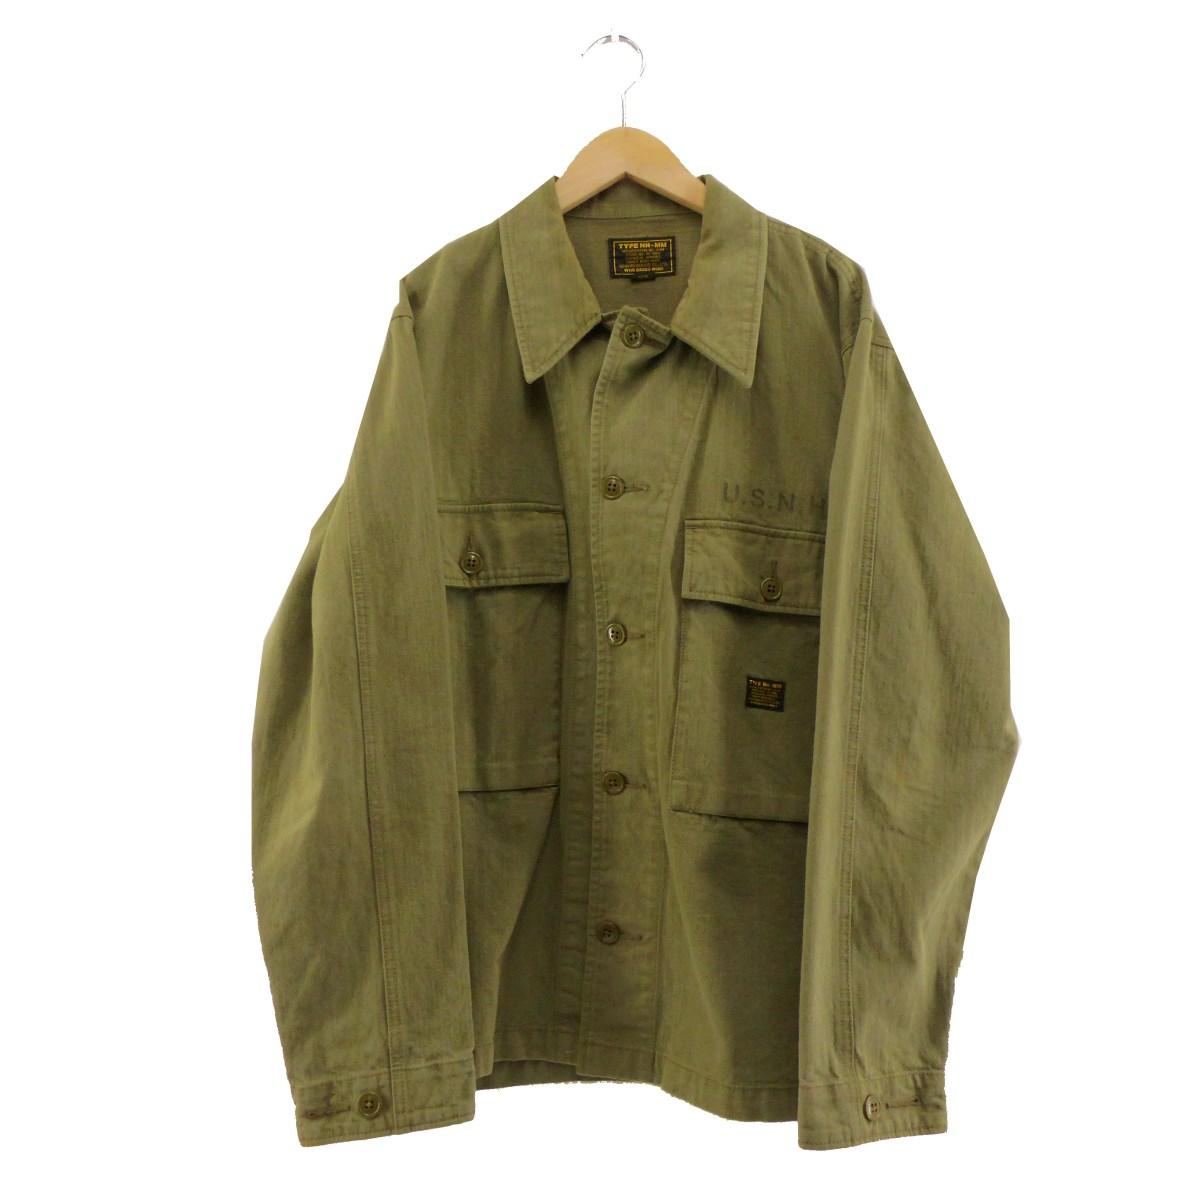 【中古】NEIGHBOR HOOD ミリタリーシャツ カーキ サイズ:L 【280220】(ネイバーフッド)